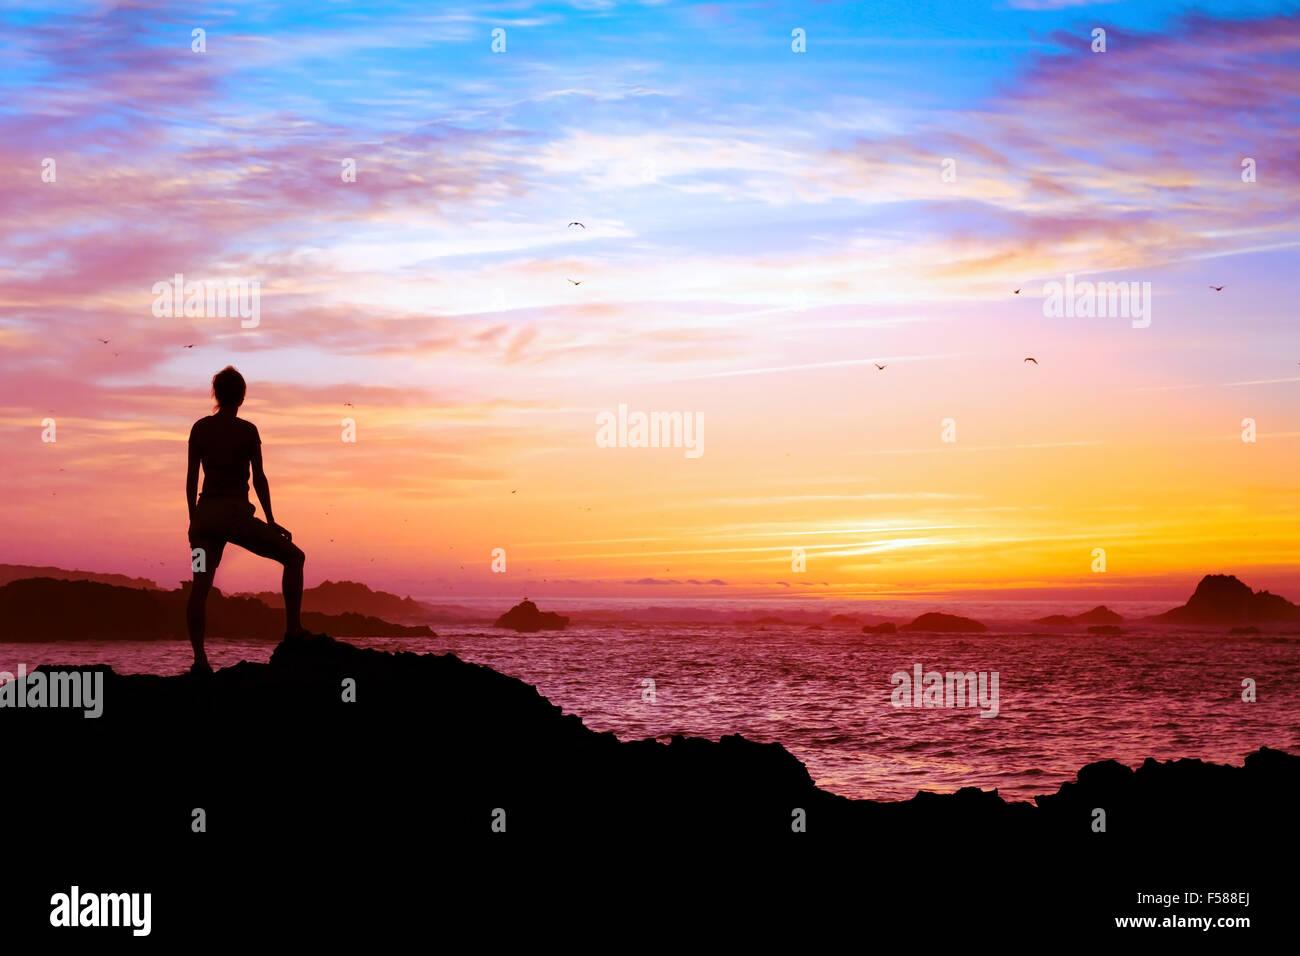 Concepto de bienestar, silueta de persona disfrutar de hermosas puestas de sol con vistas al océano Imagen De Stock